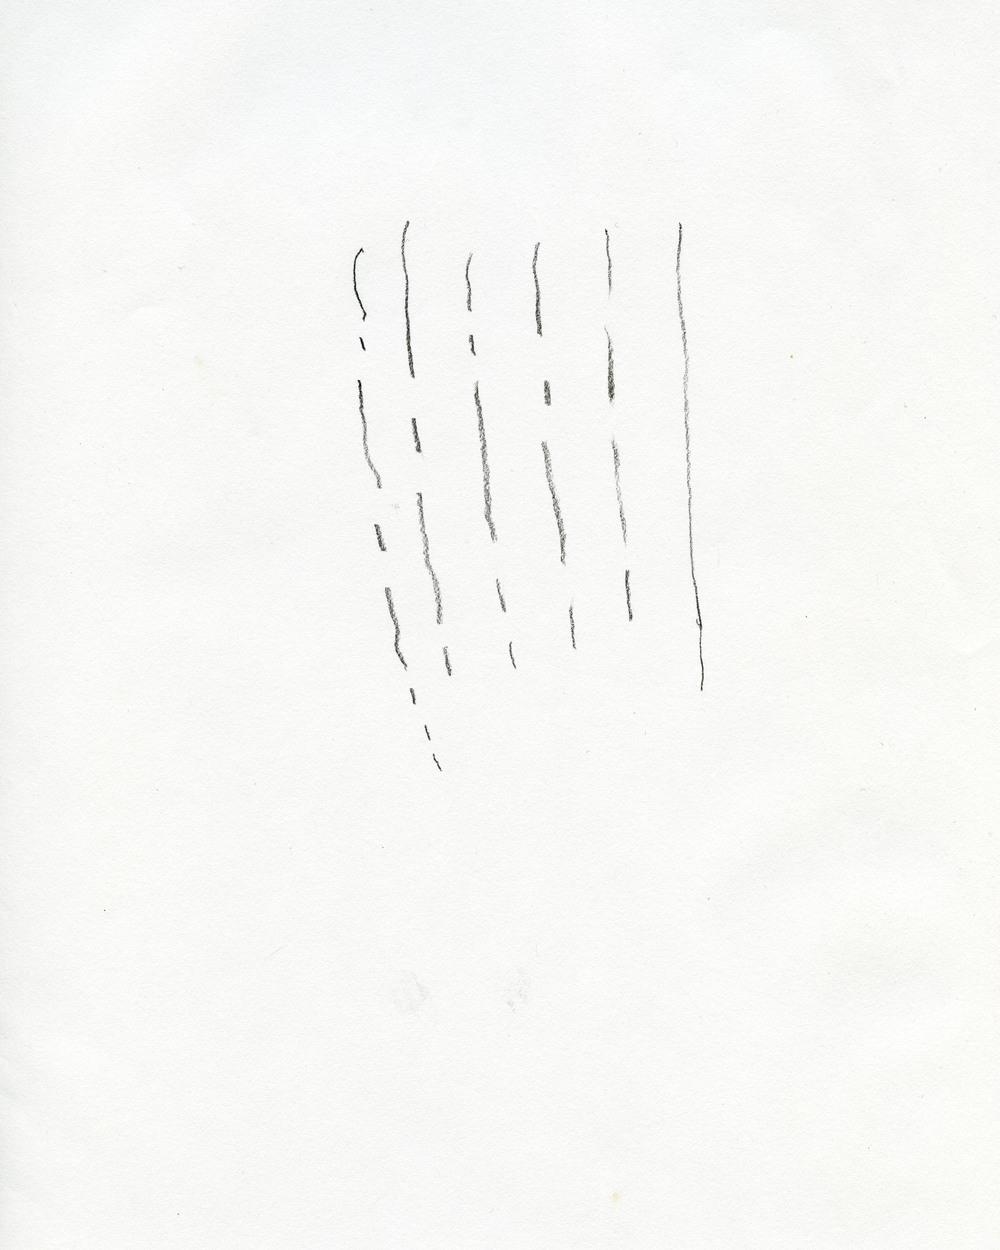 brokenubrokenlines.jpg